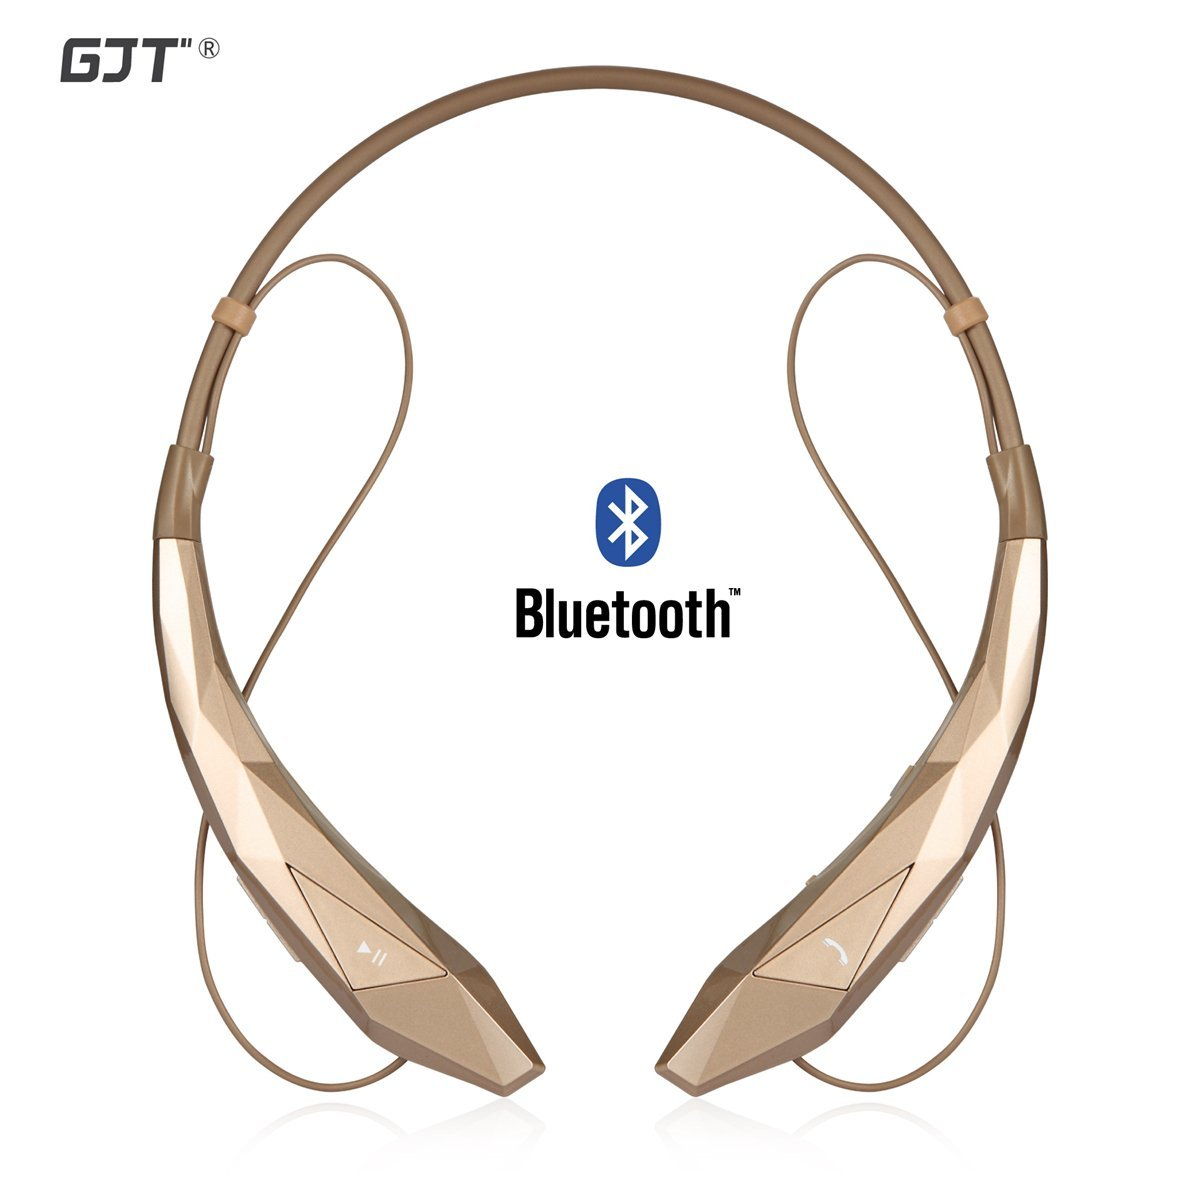 Tai Nghe Bluetooth Hbs 902 Stereo Kiểu Dáng Thể Thao